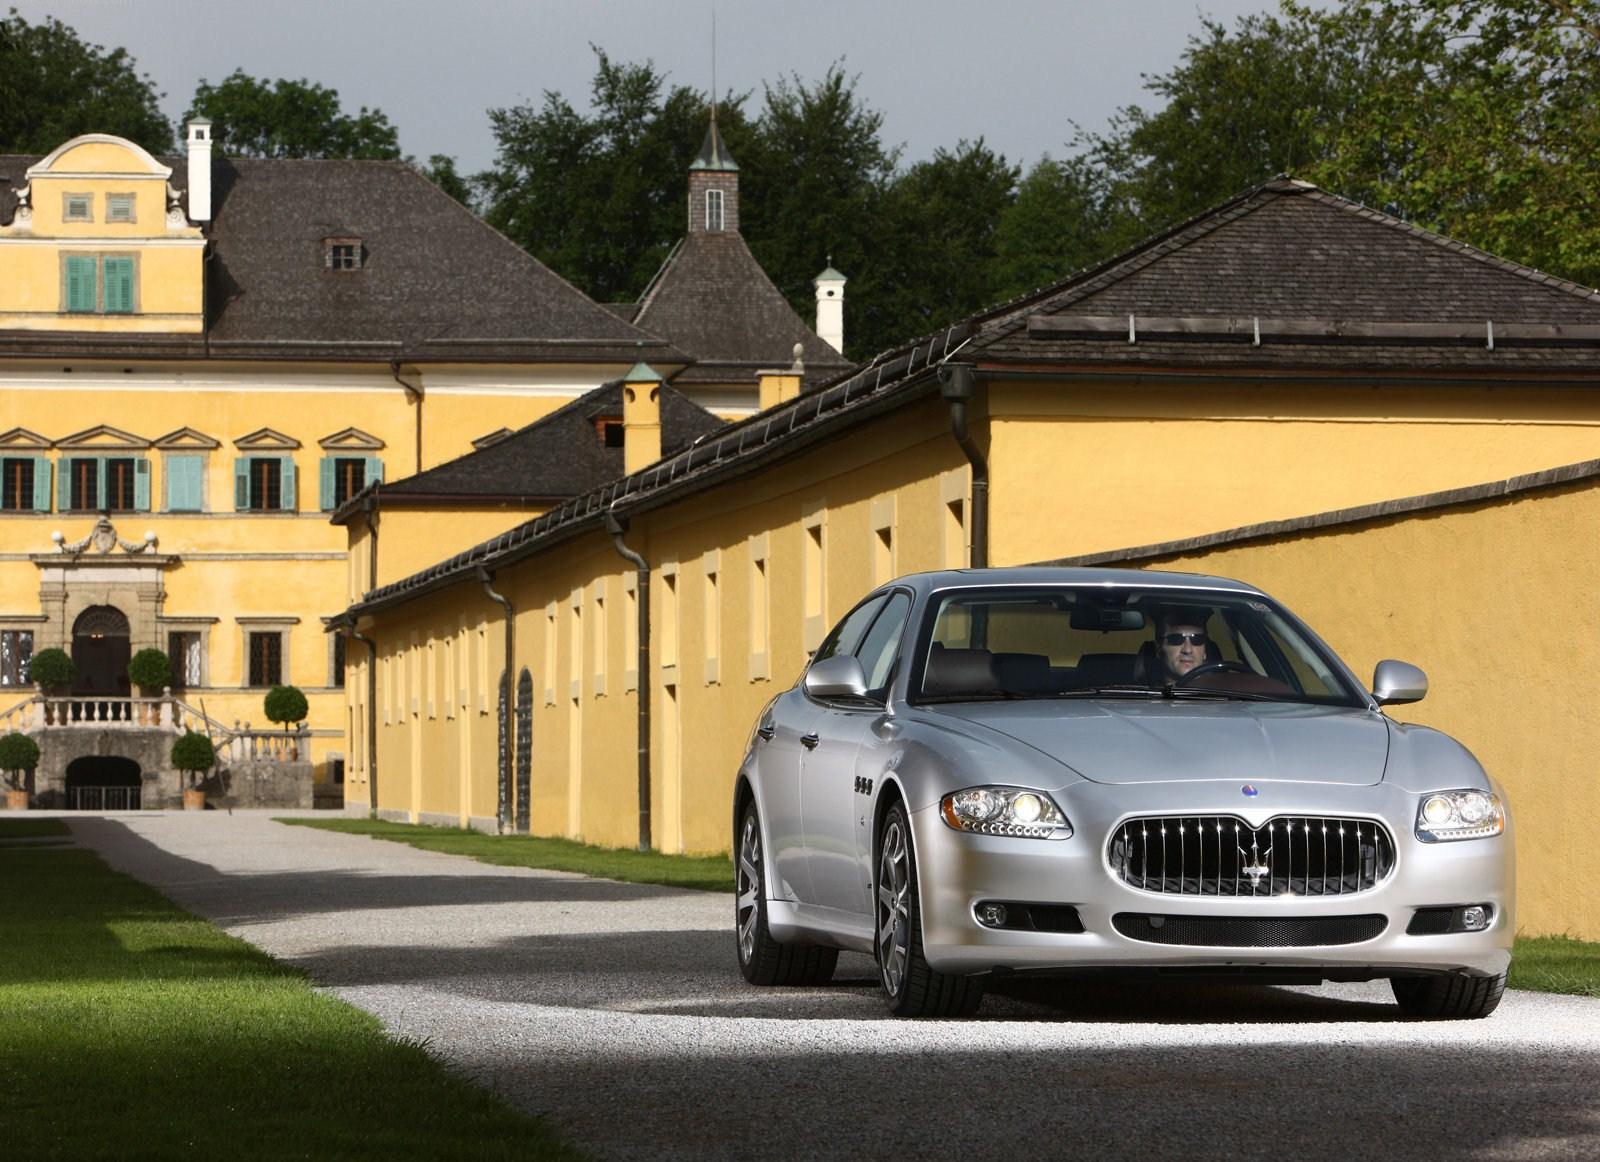 http://2.bp.blogspot.com/_sRGU_JXOz6E/TRz-qLkemxI/AAAAAAAAA50/E4xPoxvhuaA/s1600/Maserati-Quattroporte_2009_1600x1200_wallpaper_04.jpg